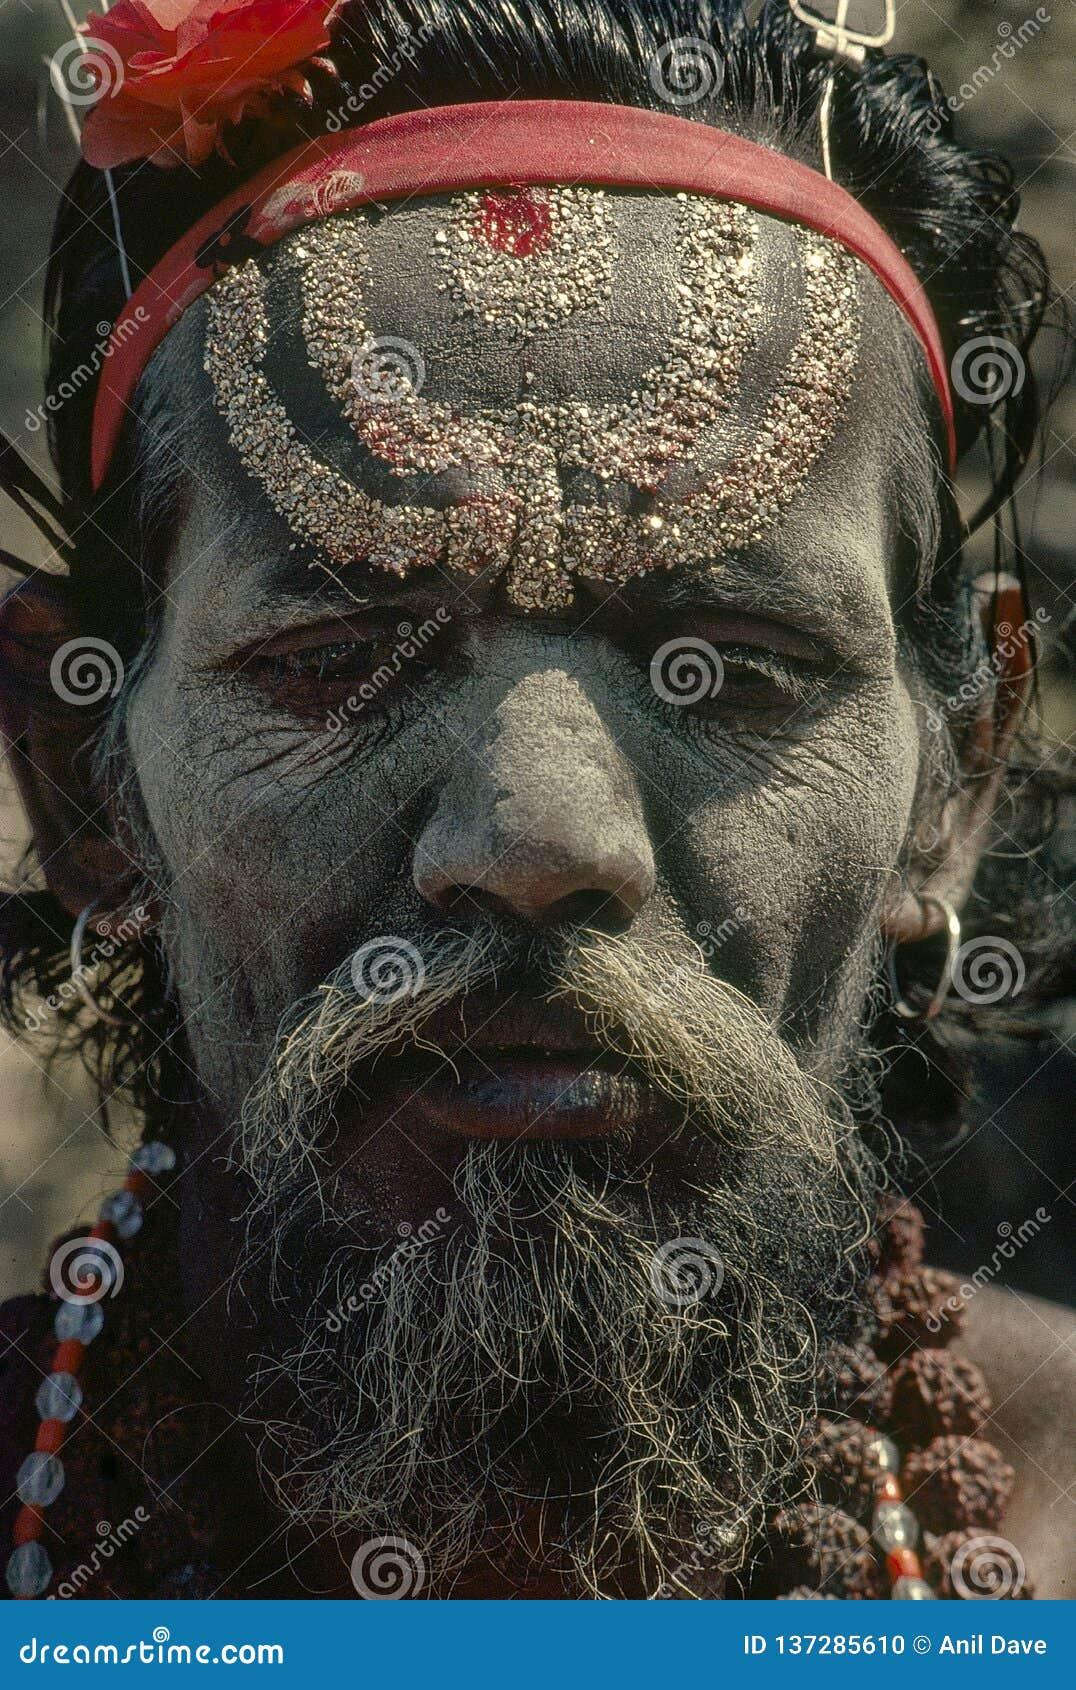 Εκλεκτής ποιότητας φωτογραφία του sadhu στο kumbh Mela 1977